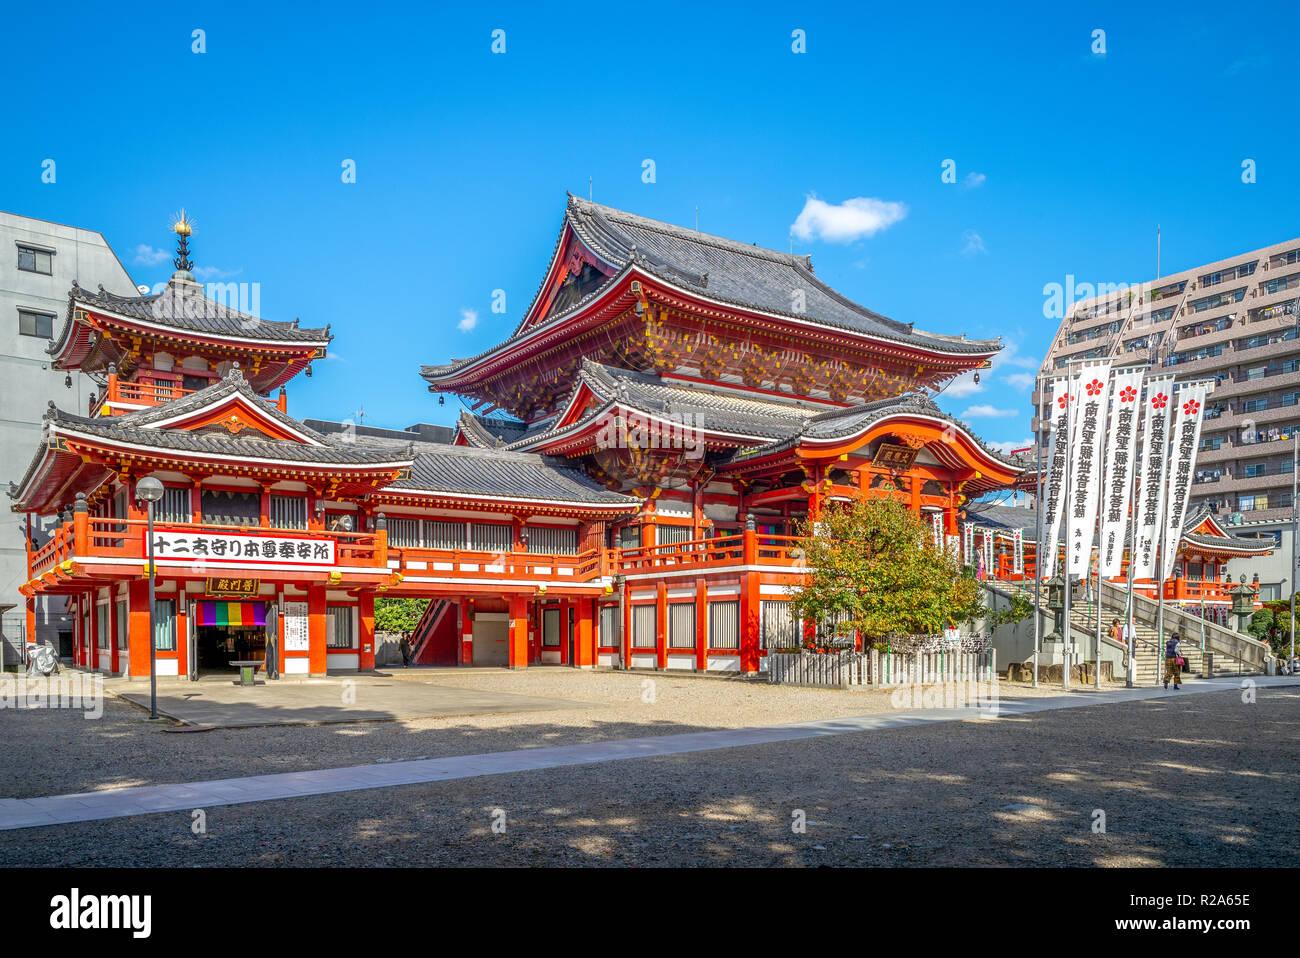 Japan Osu Nagoya Stock Photos & Japan Osu Nagoya Stock Images - Alamy